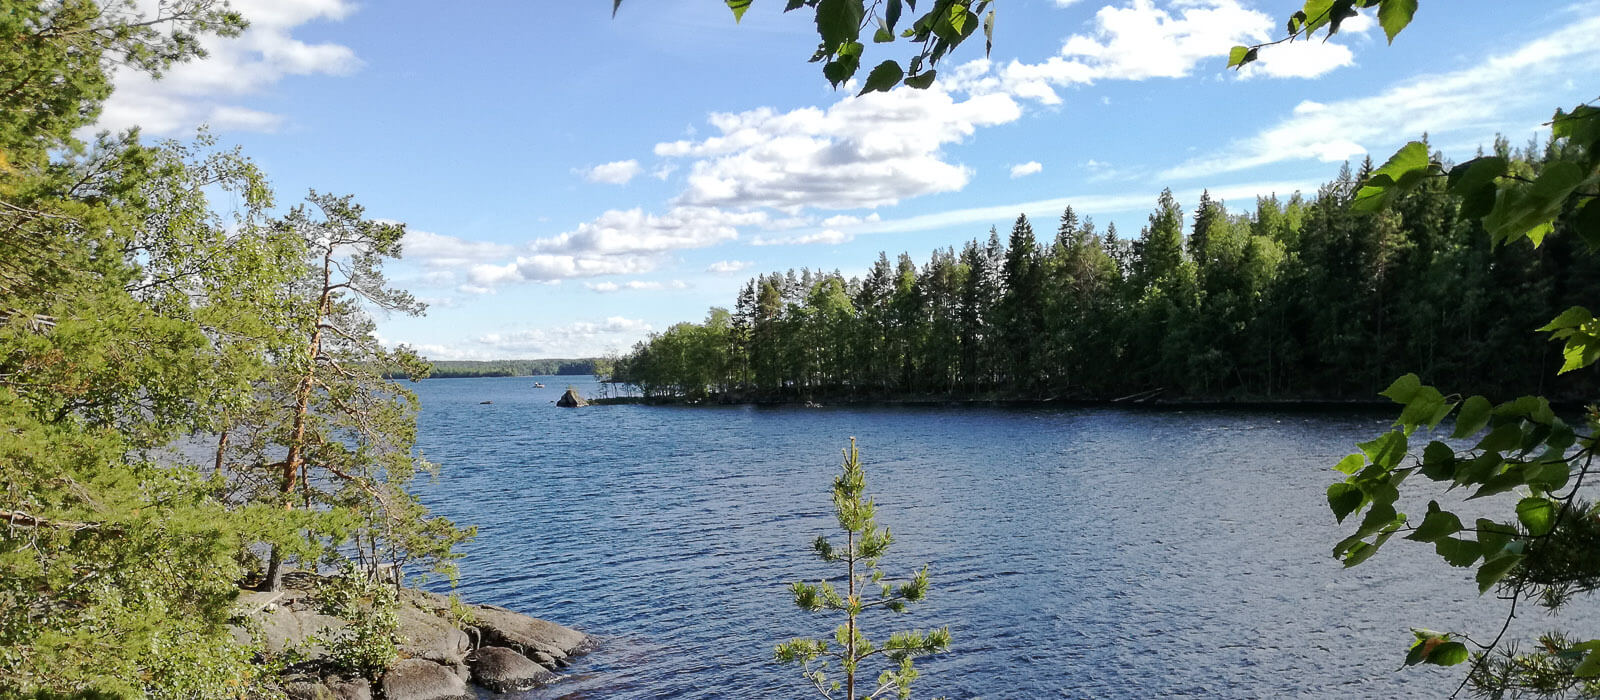 Jak tanio podróżować po Finlandii?